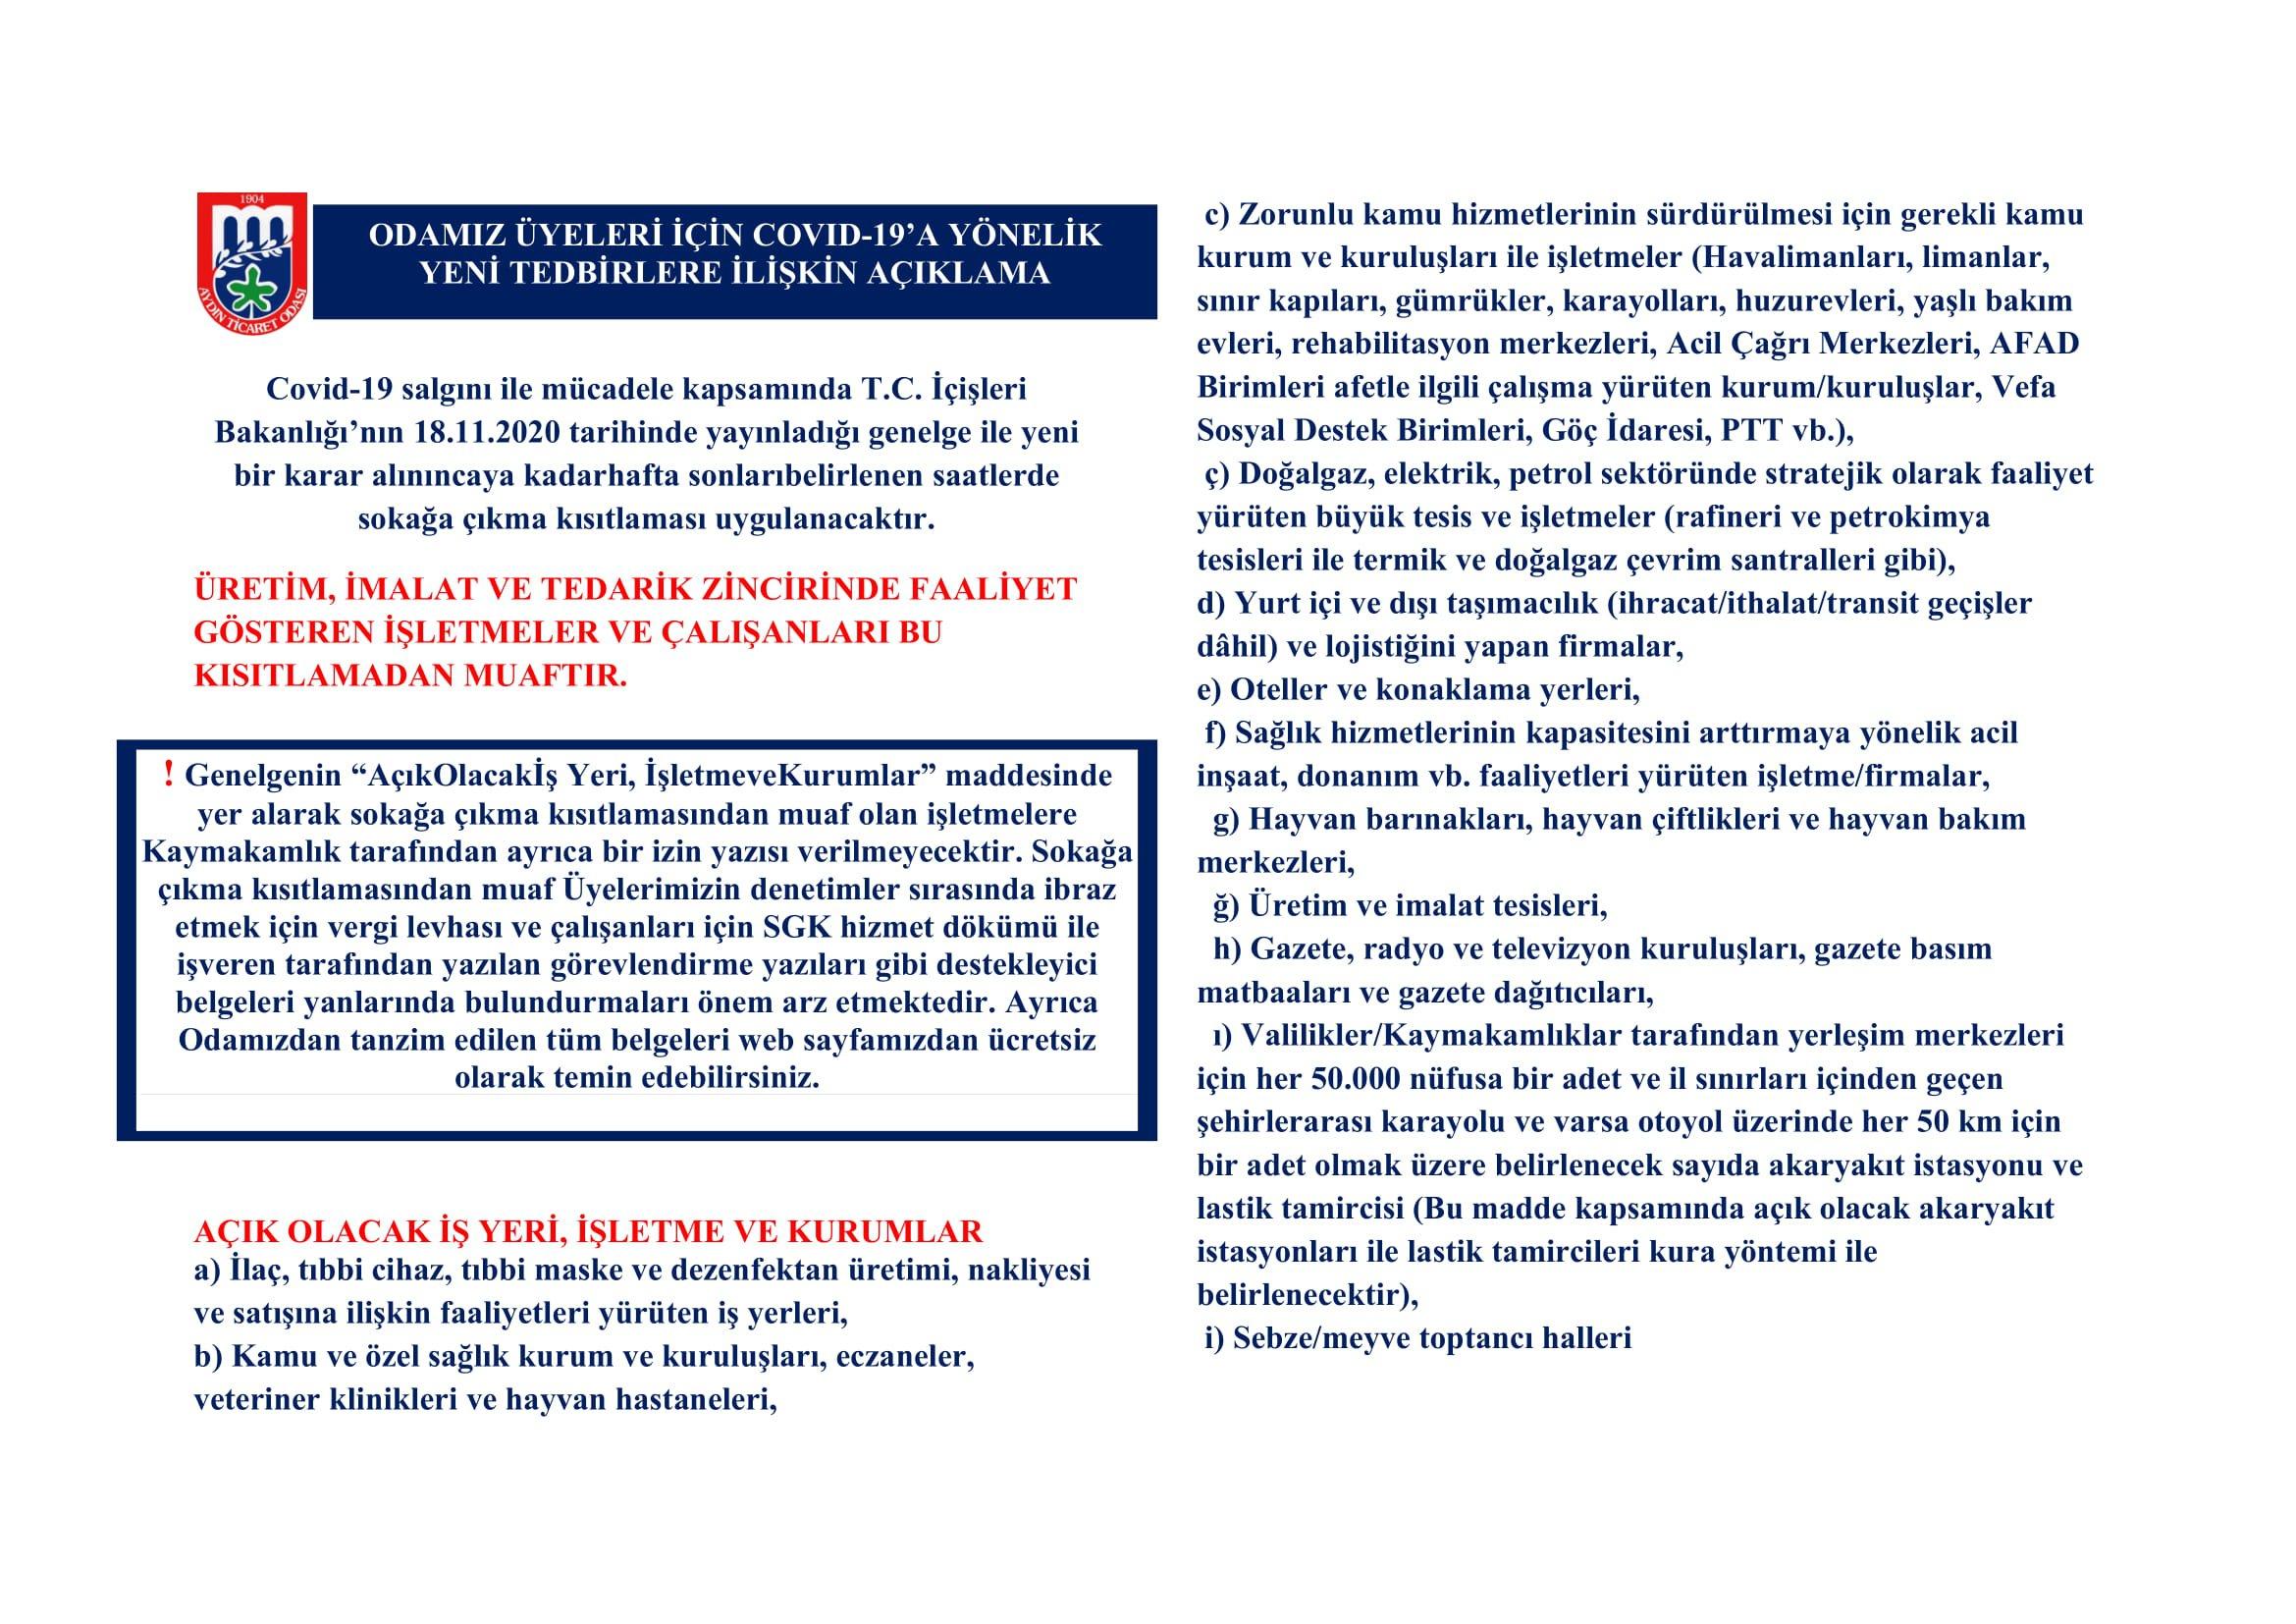 """ODAMIZ ÜYELERİ İÇİN COVID-19'A YÖNELİK YENİ TEDBİRLERE VE GENELGE KAPSAMINDA """"AÇIK OLACAK İŞ YERİ, İŞLETME VE KURUMLAR"""" A İLİŞKİN AÇIKLAMA"""